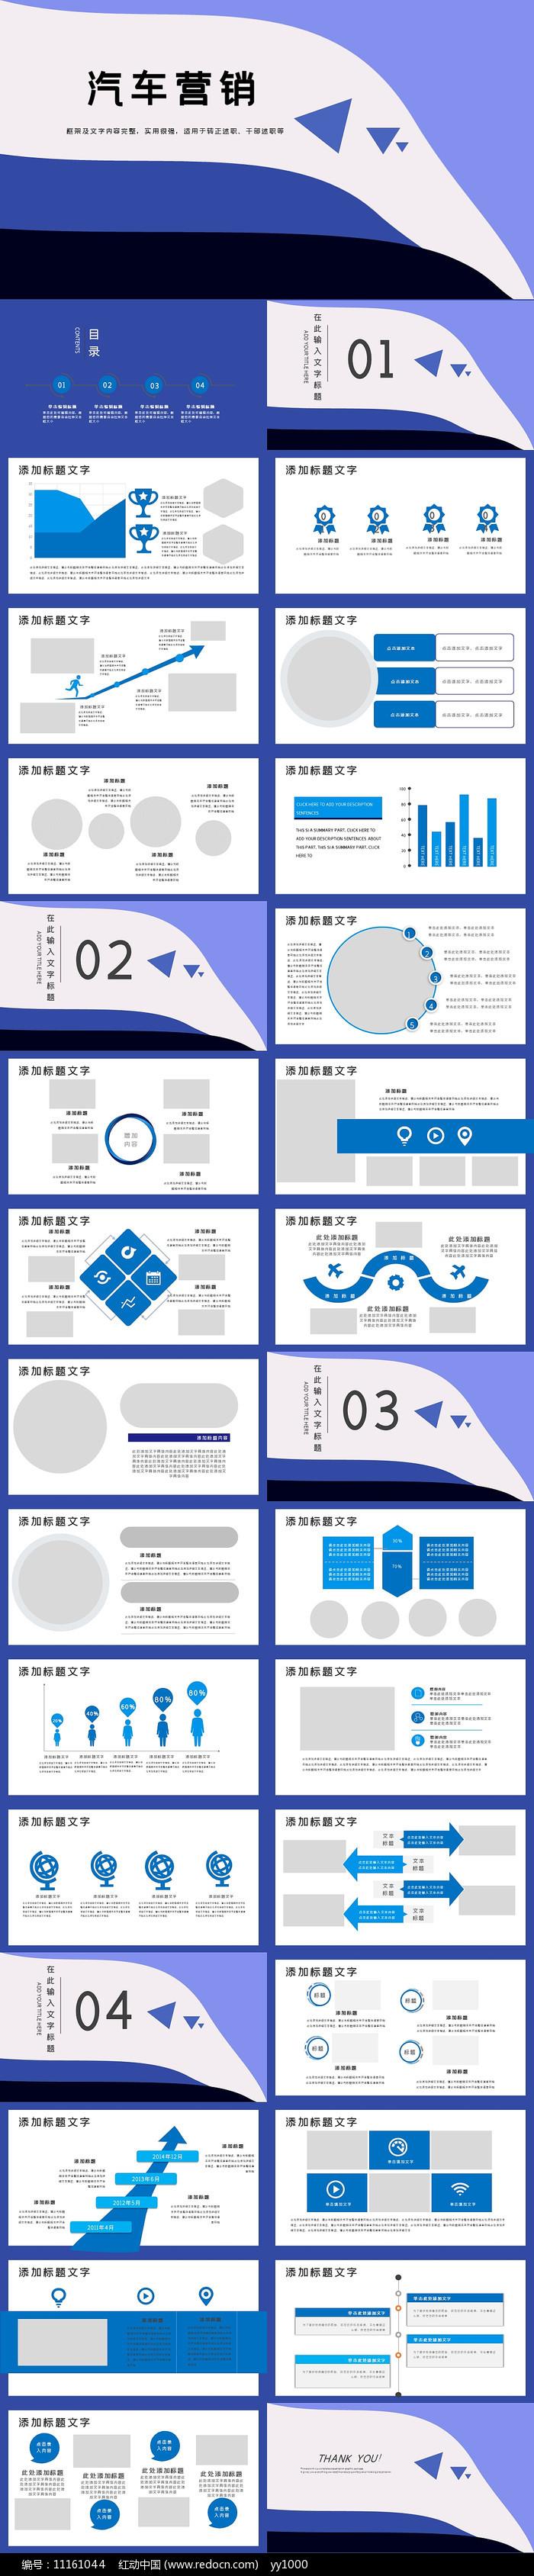 汽车行业汽车营销策划公司PPT模板图片